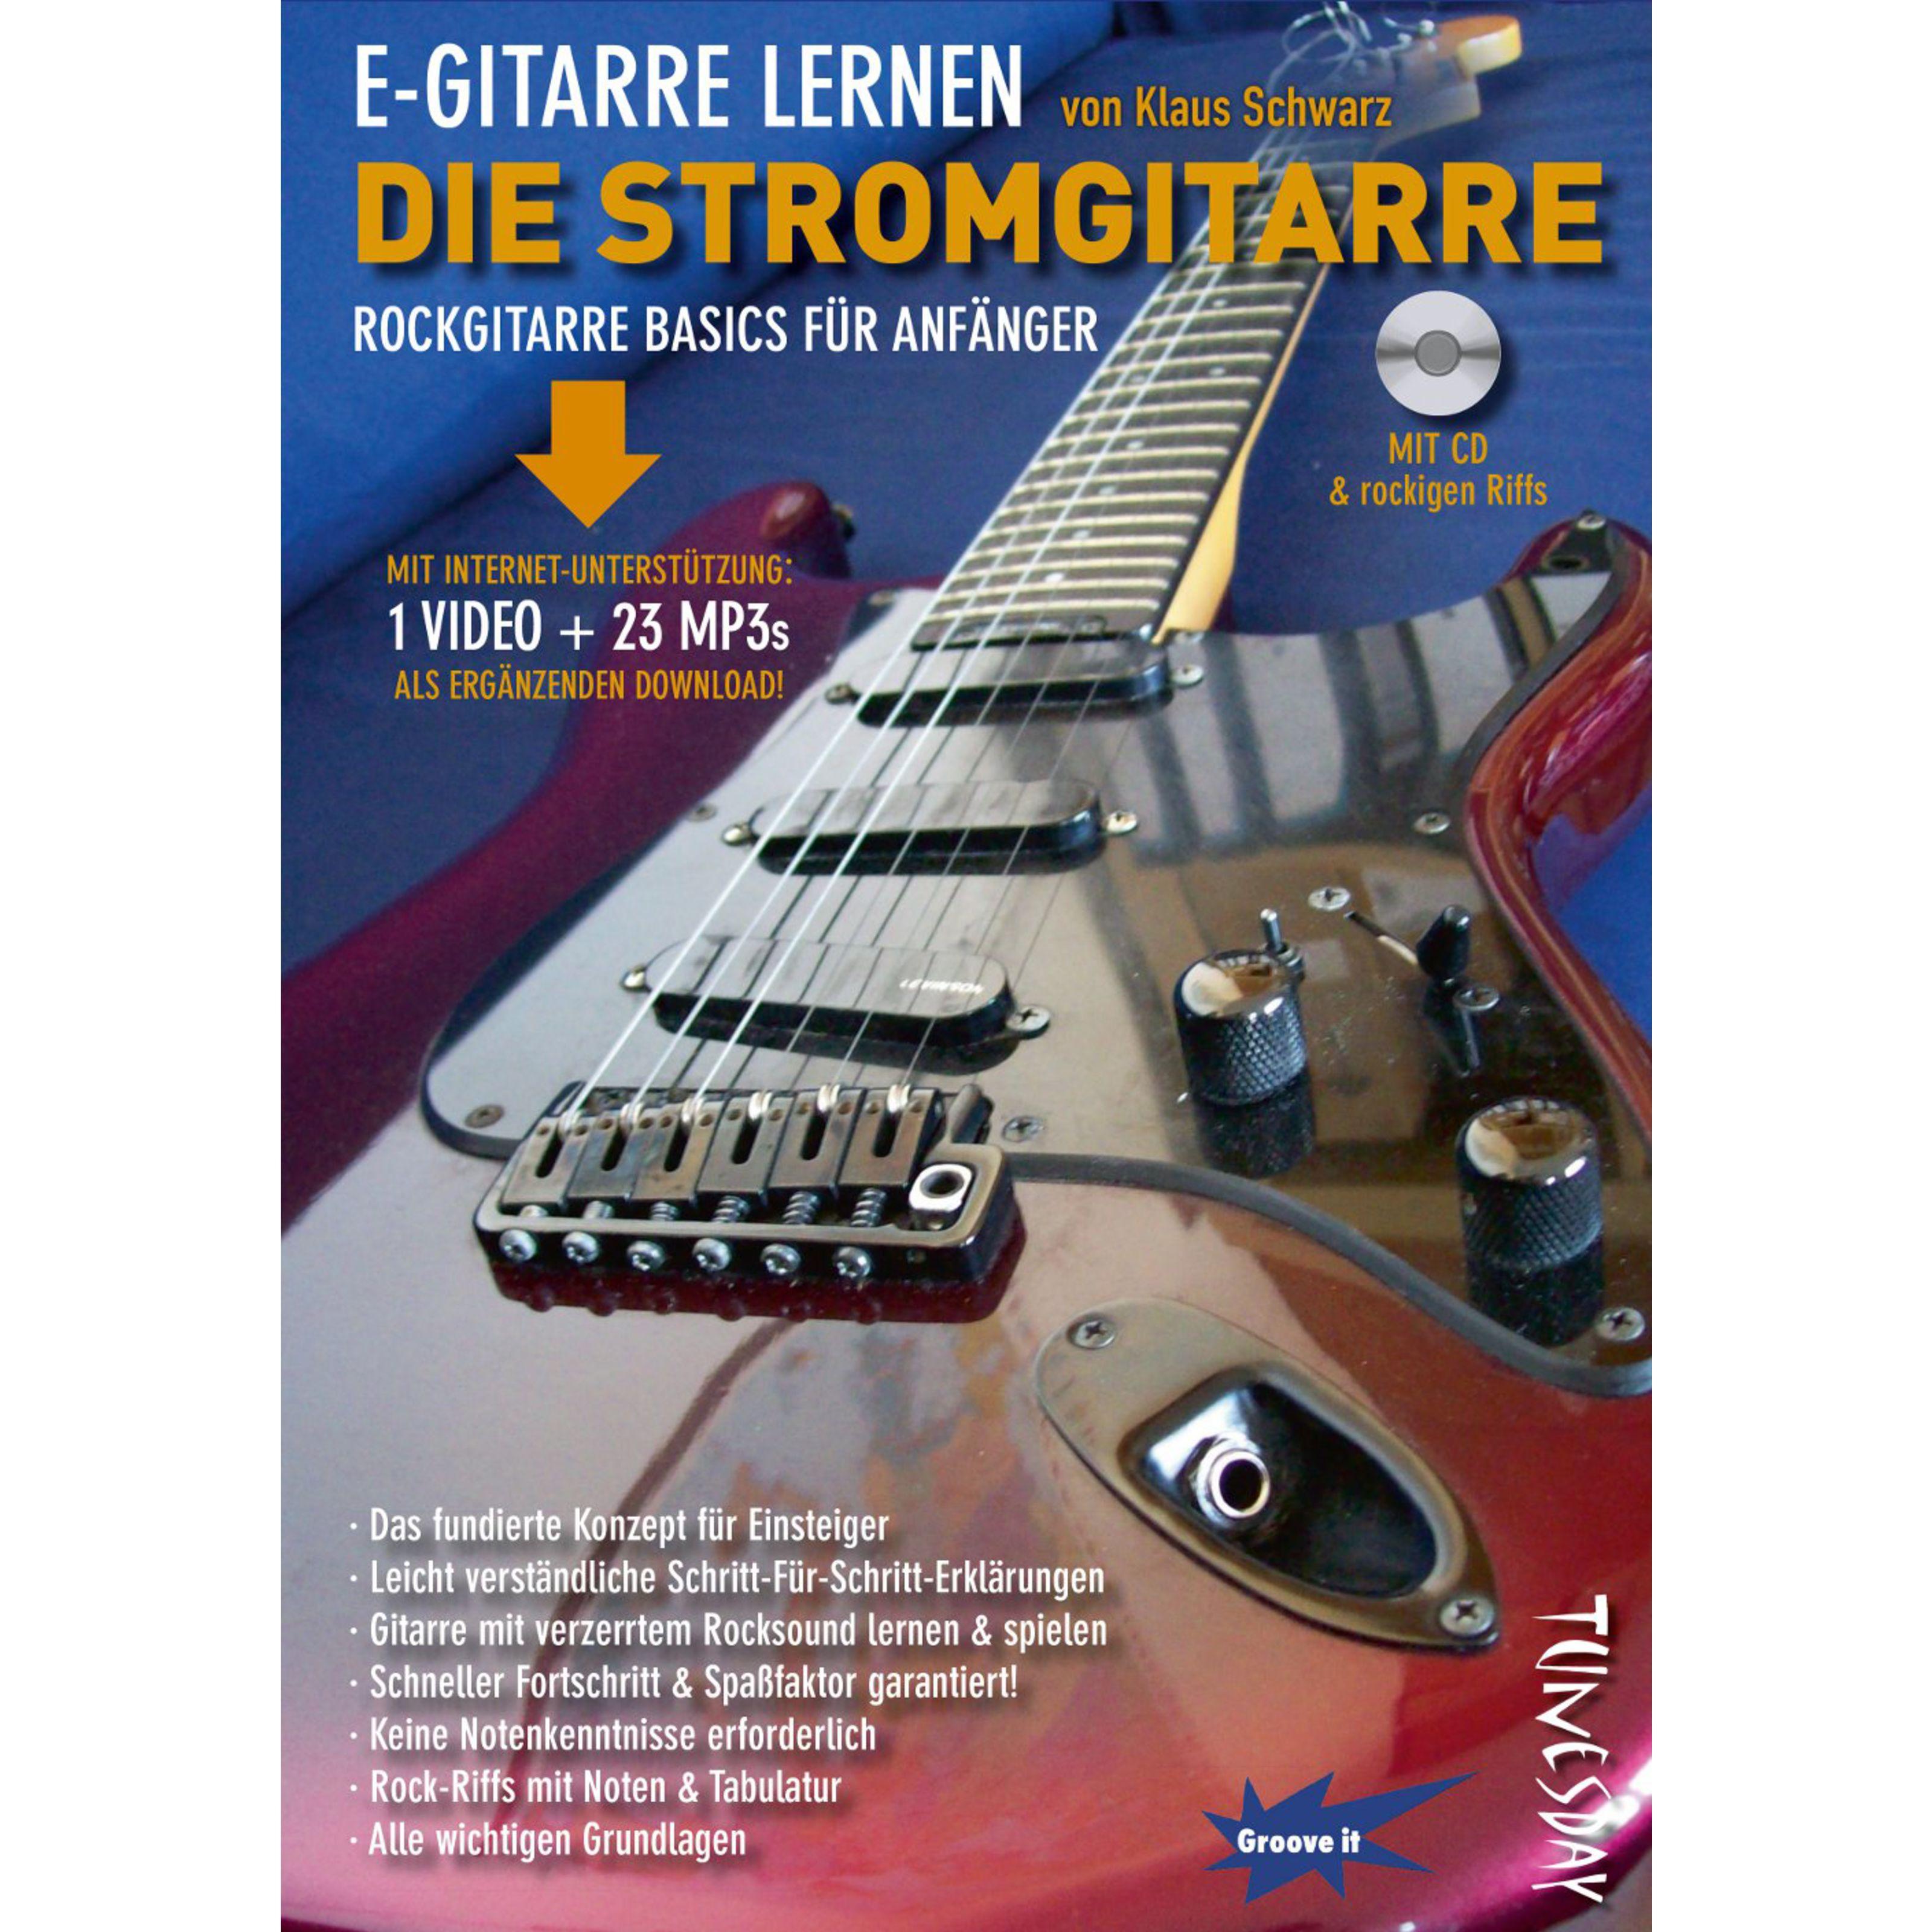 Tunesday - E-Gitarre lernen - DIE STROMGITARRE